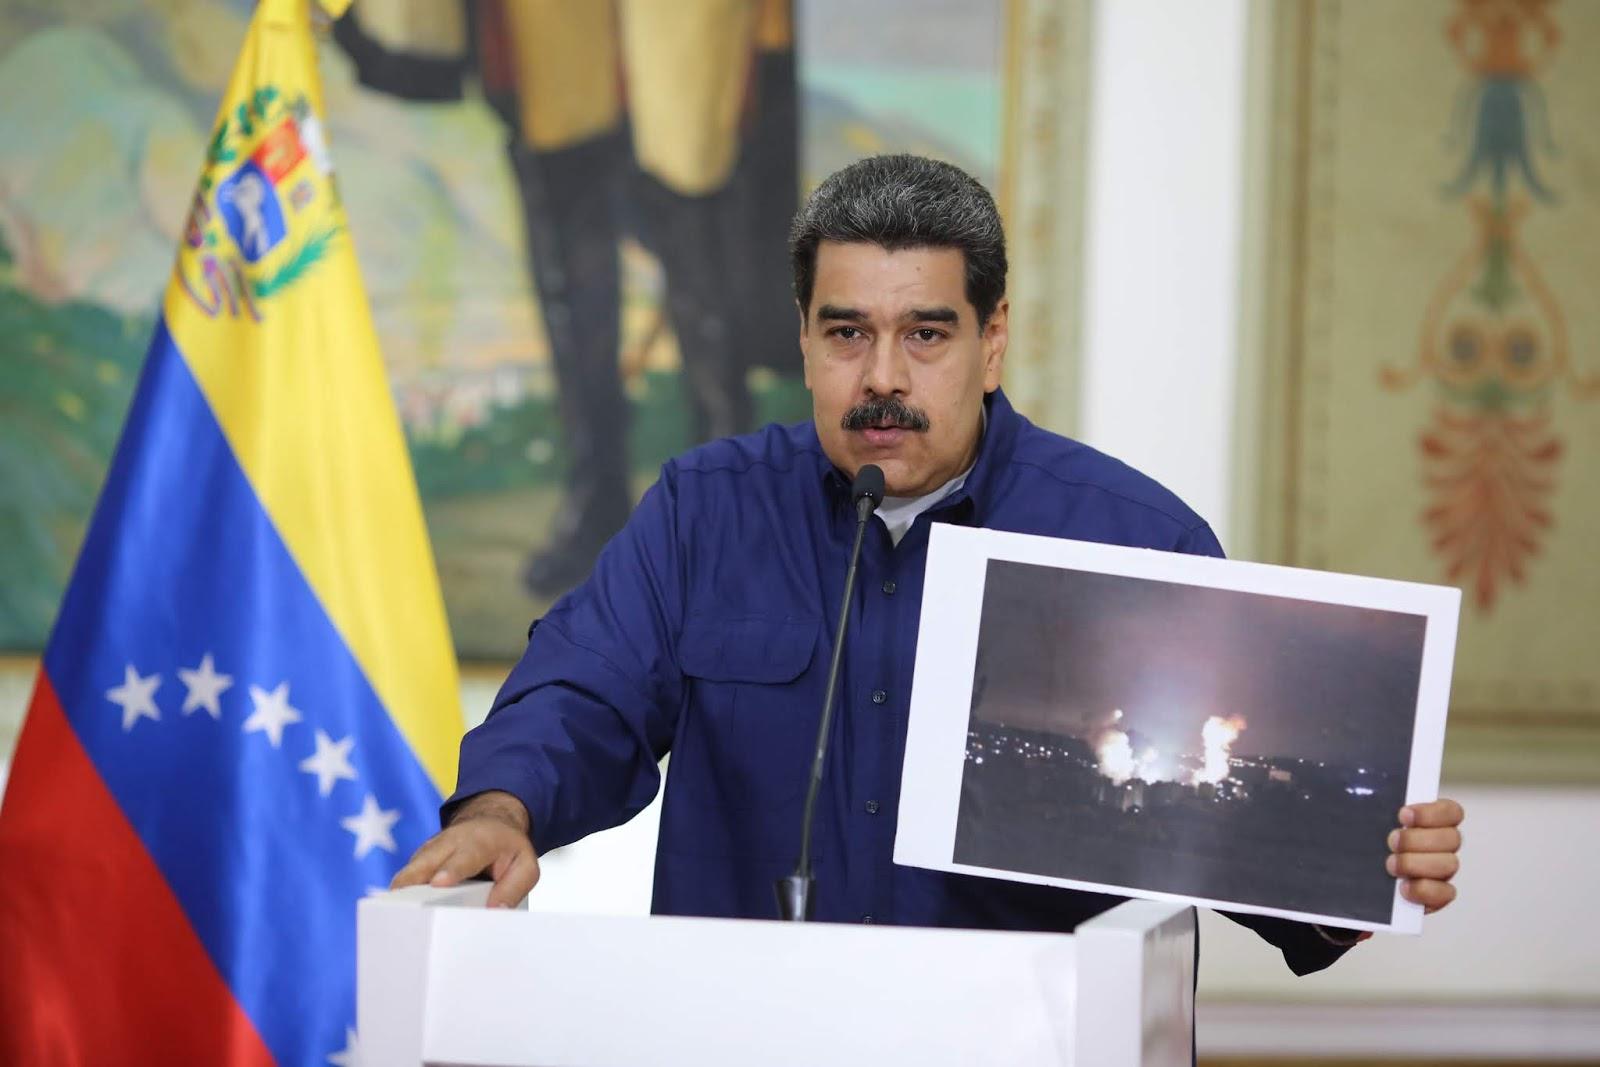 El apagón venezolano, un verdadero crimen social del chavismo - Por Razon y Revolucion 008_mg9973_1552359769%25281%2529